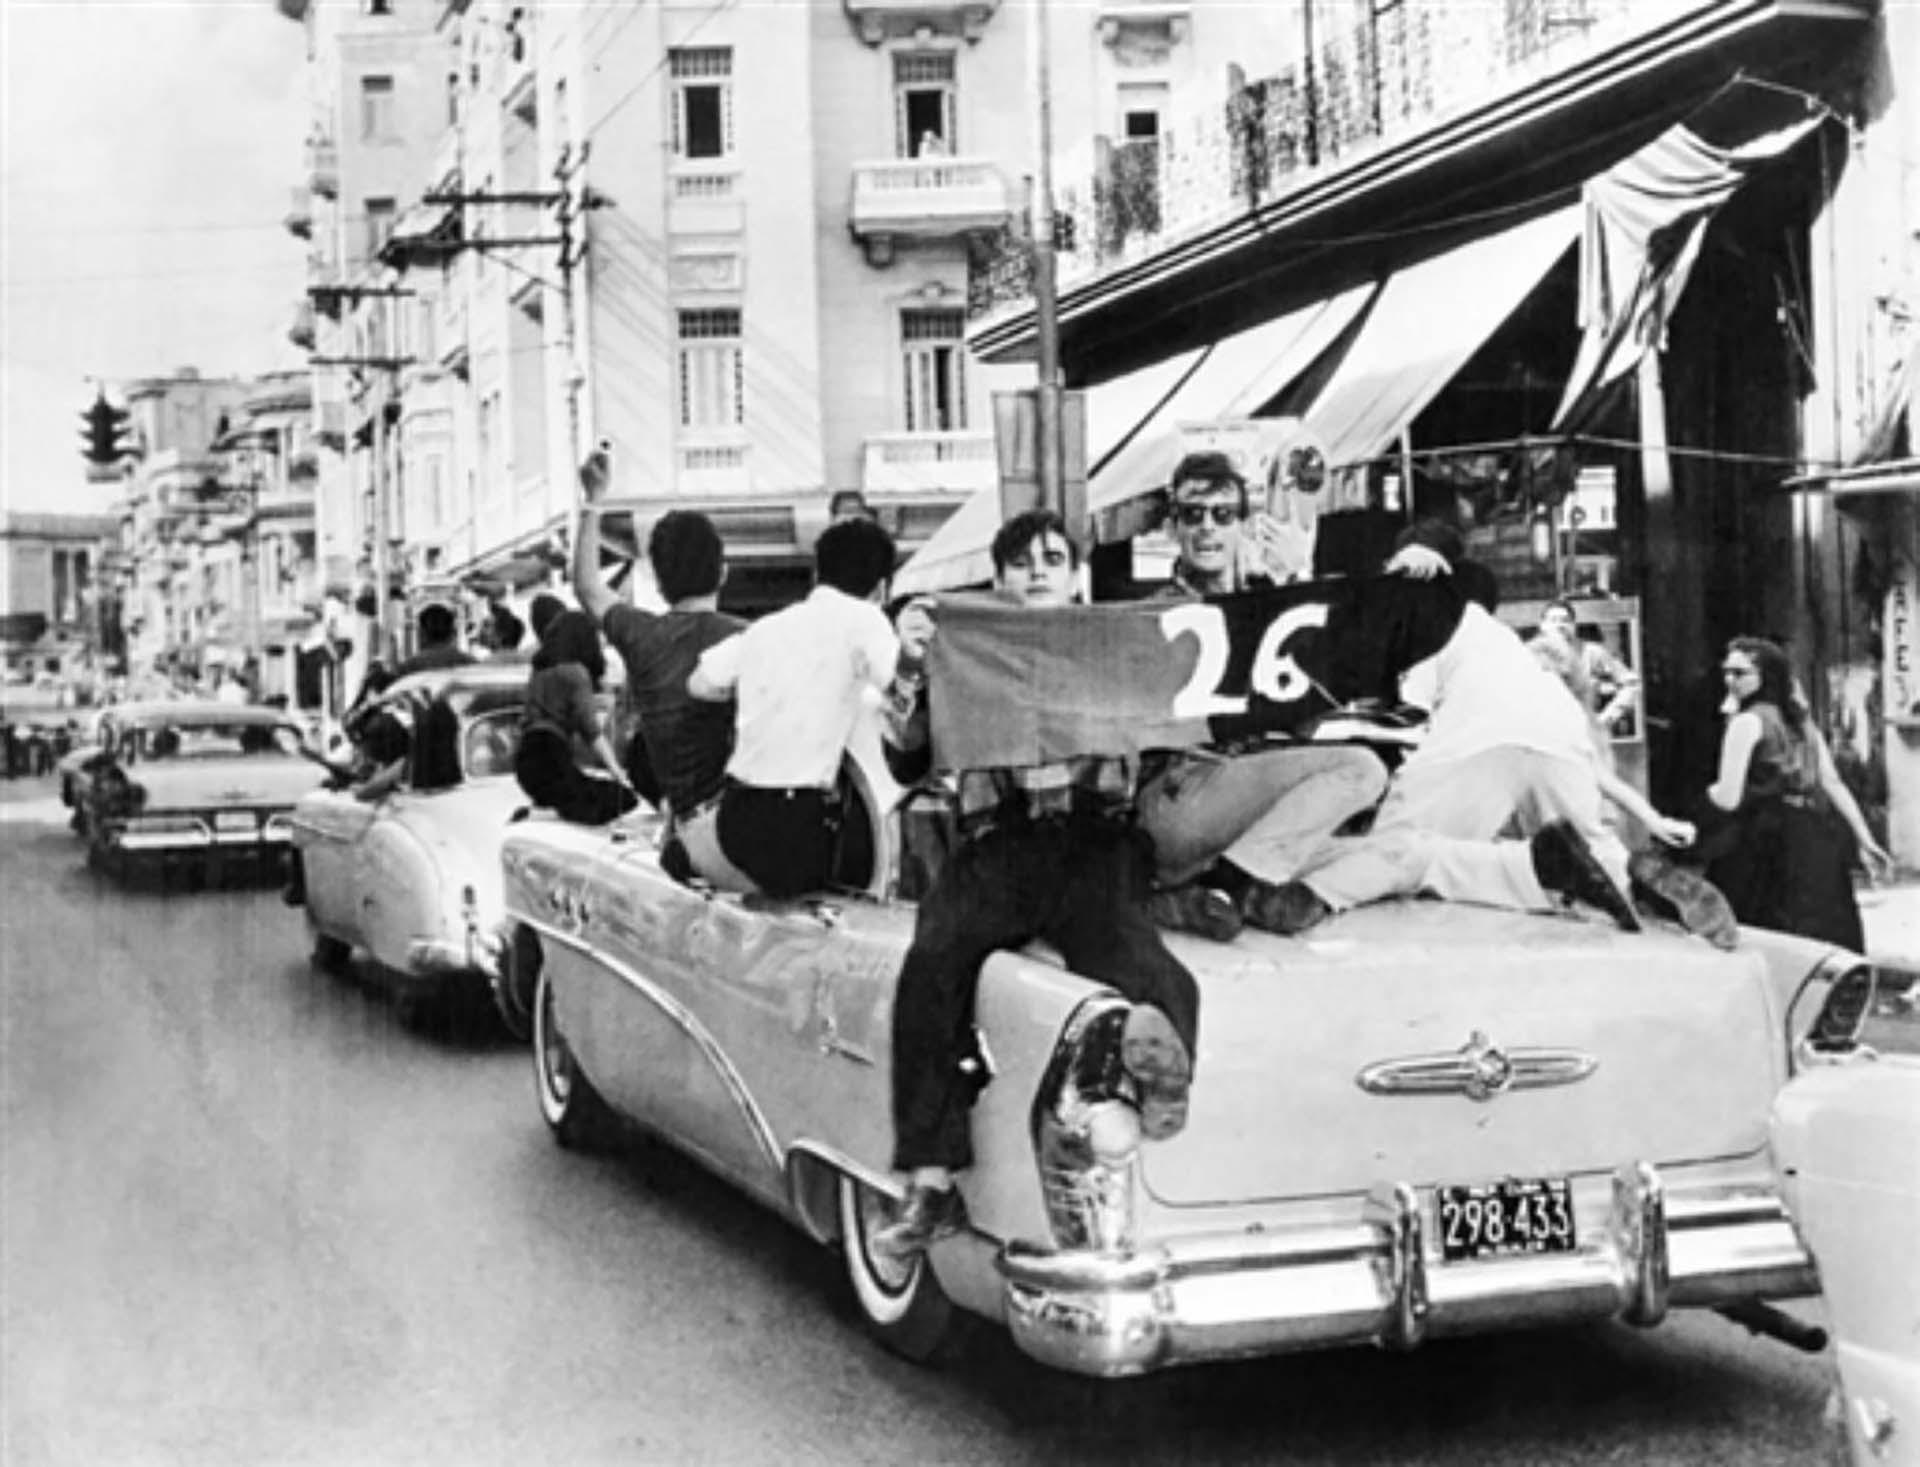 La gente sale a las calles de La Habana para celebrar la caída de Batista y recibir a los líderes de la Revolución el 8 de enero de 1959